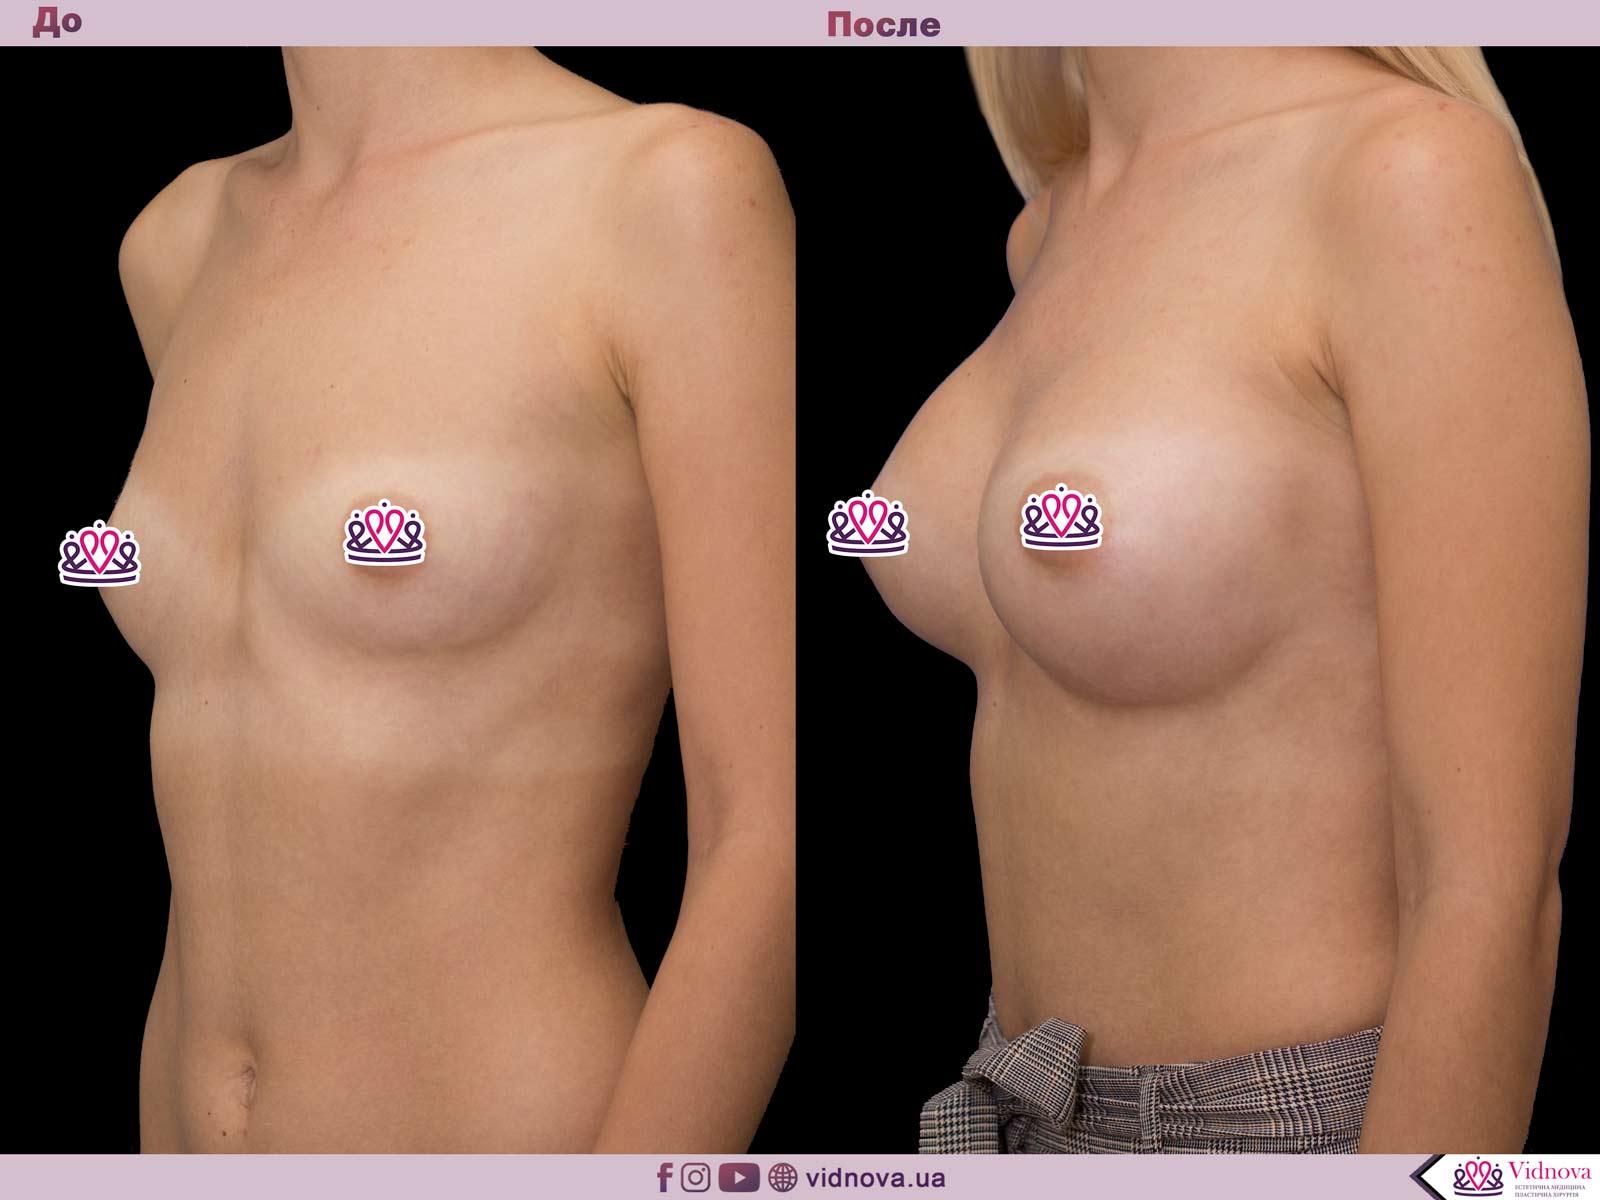 Пластика груди: результаты до и после - Пример №56-1 - Светлана Работенко